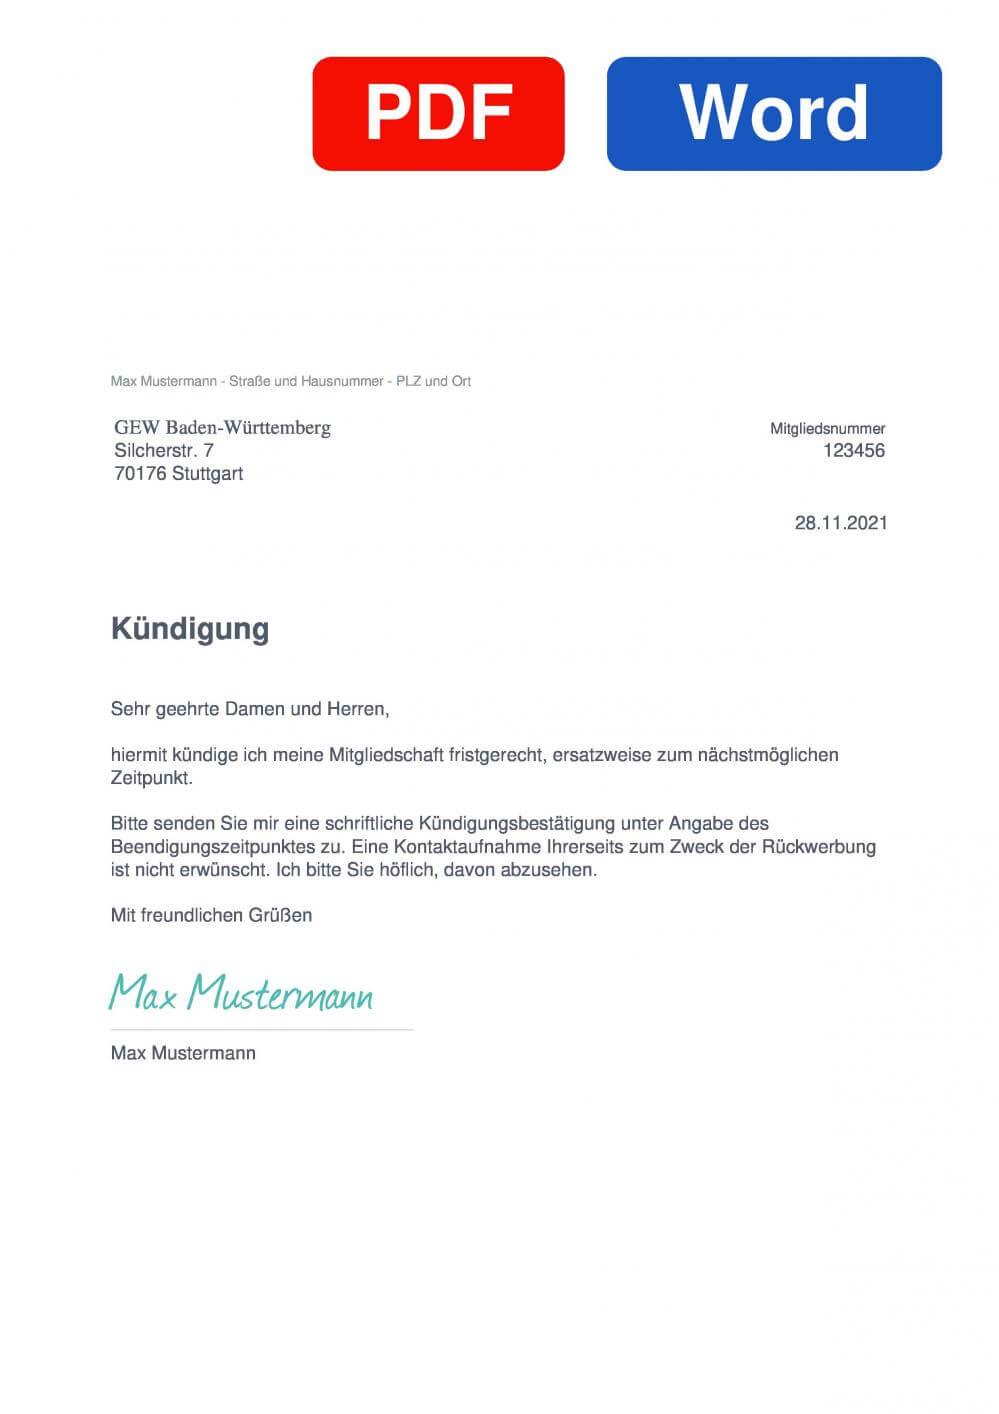 GEW Baden-Württemberg Muster Vorlage für Kündigungsschreiben